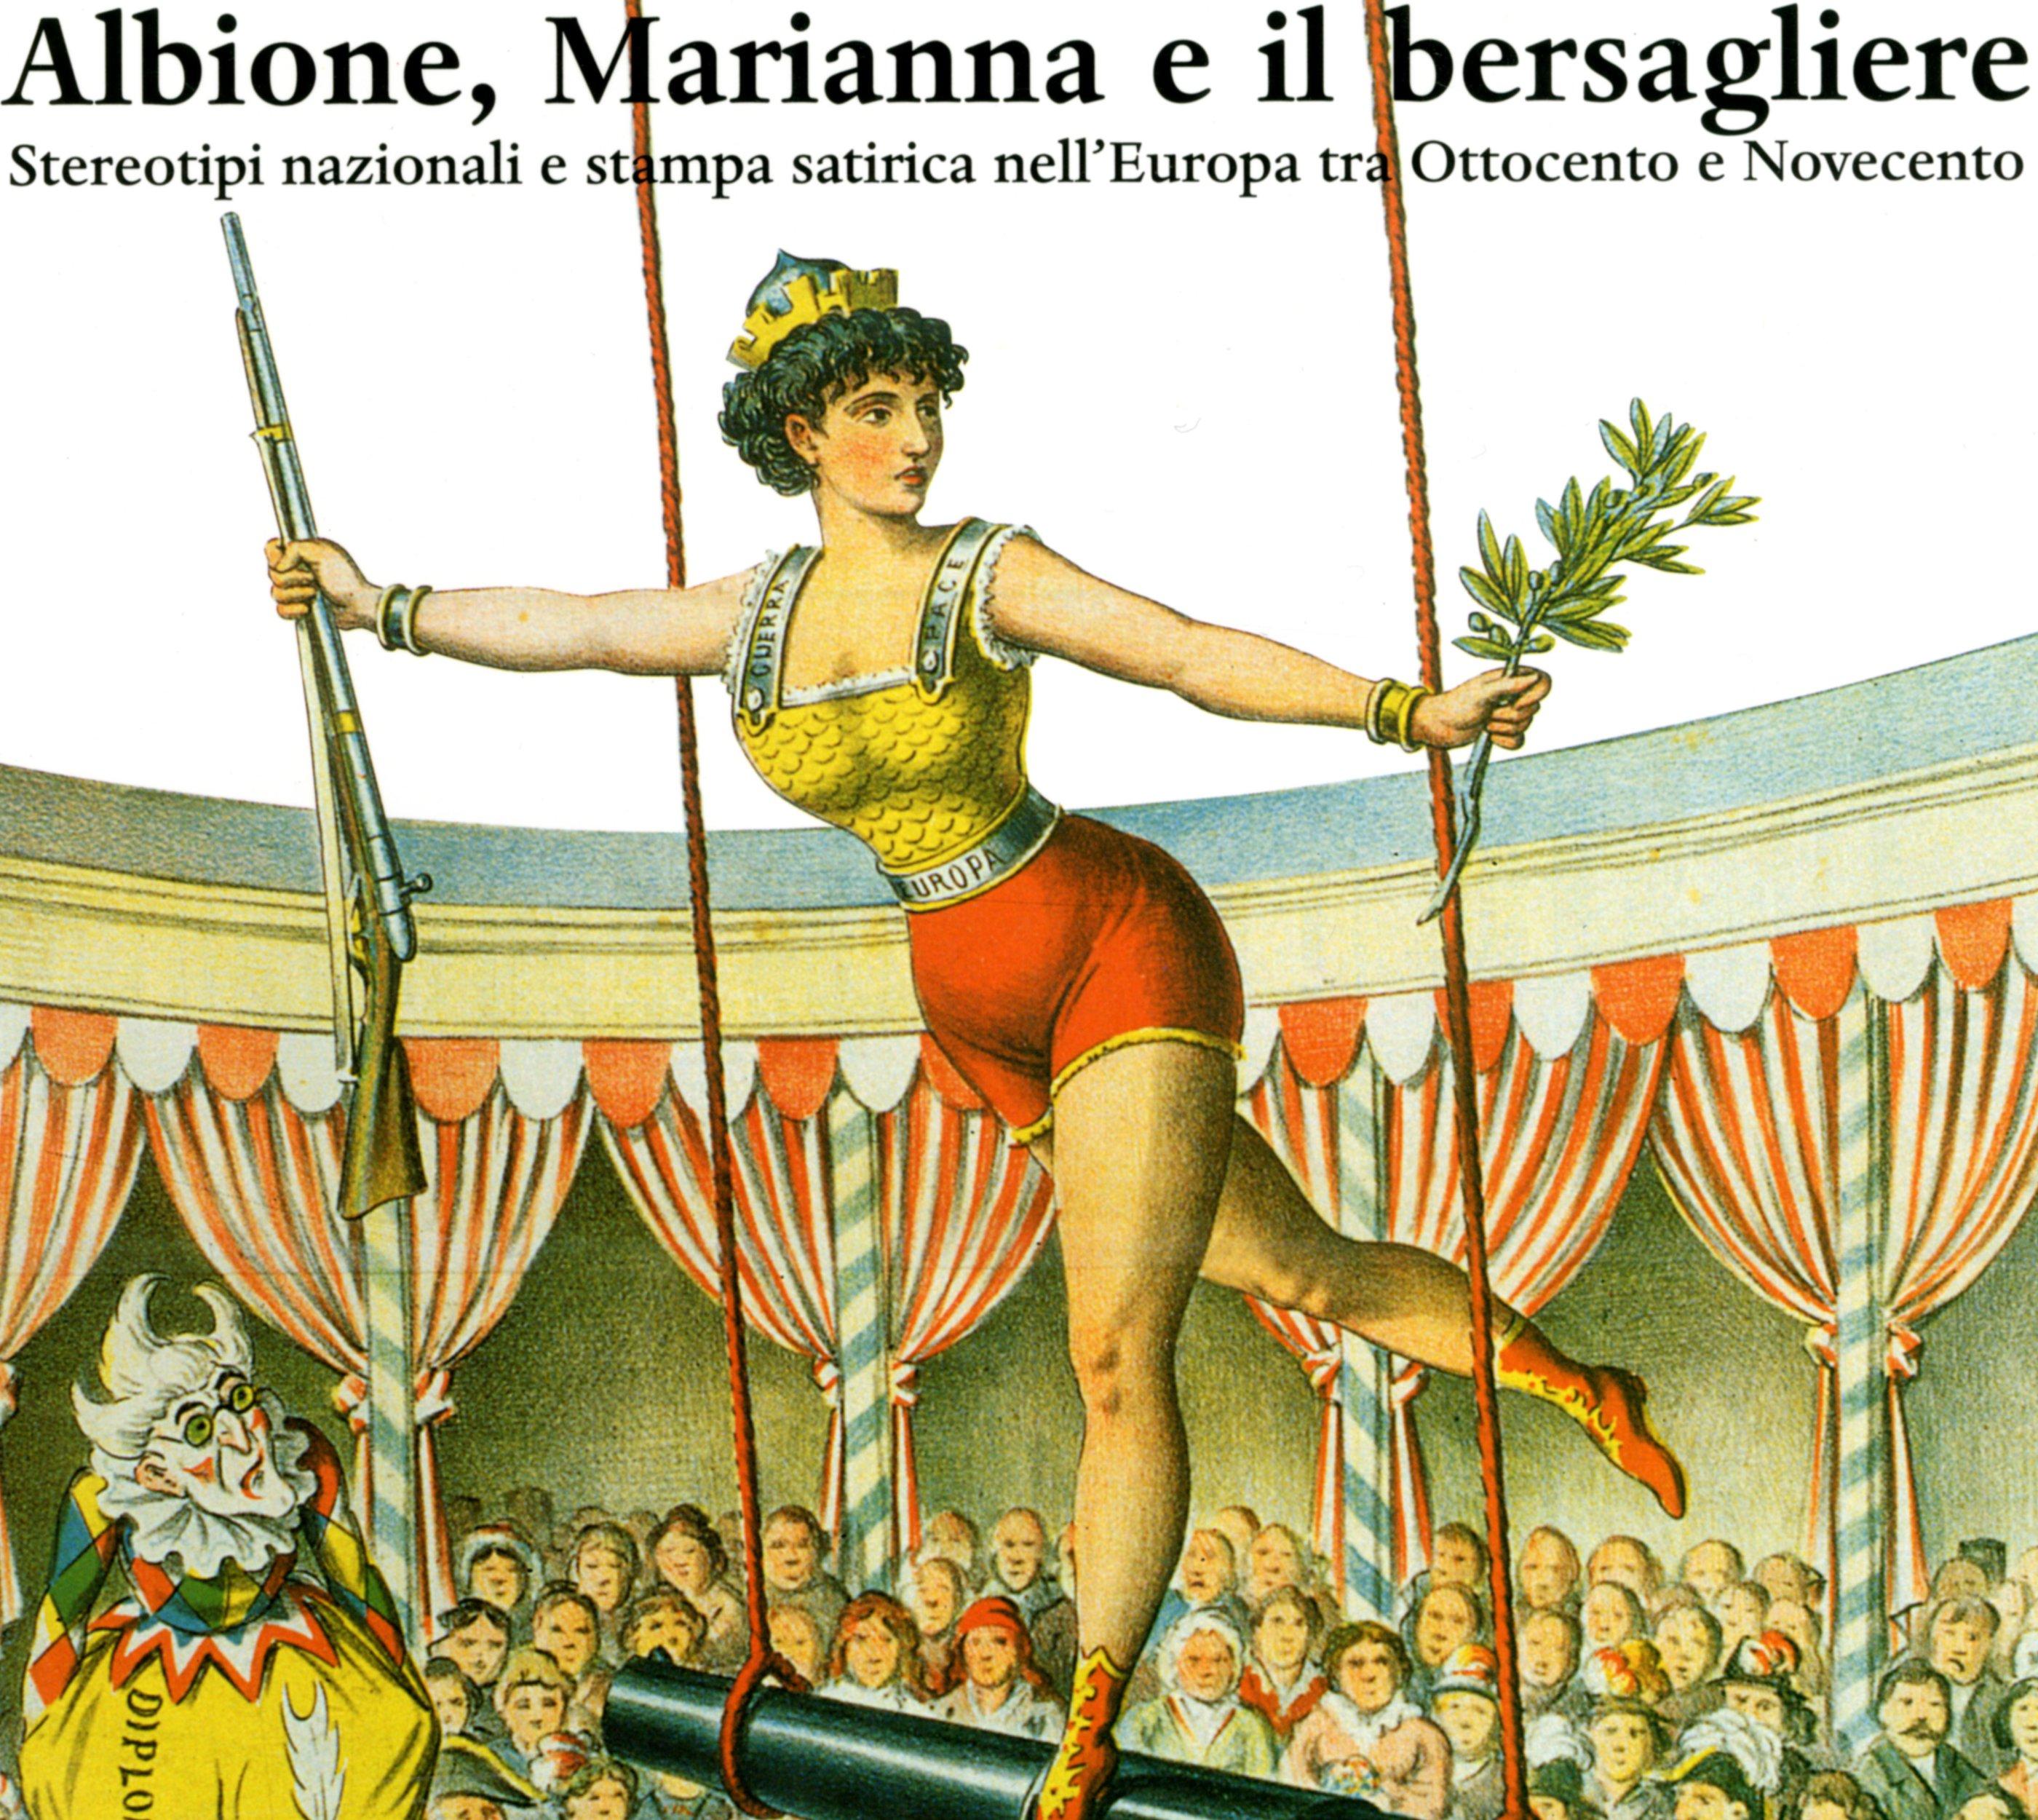 Albione, Marianna e il bersagliere. Stereotipi nazionali e stampa satirica nell' Europa tra Ottocento e Novecento